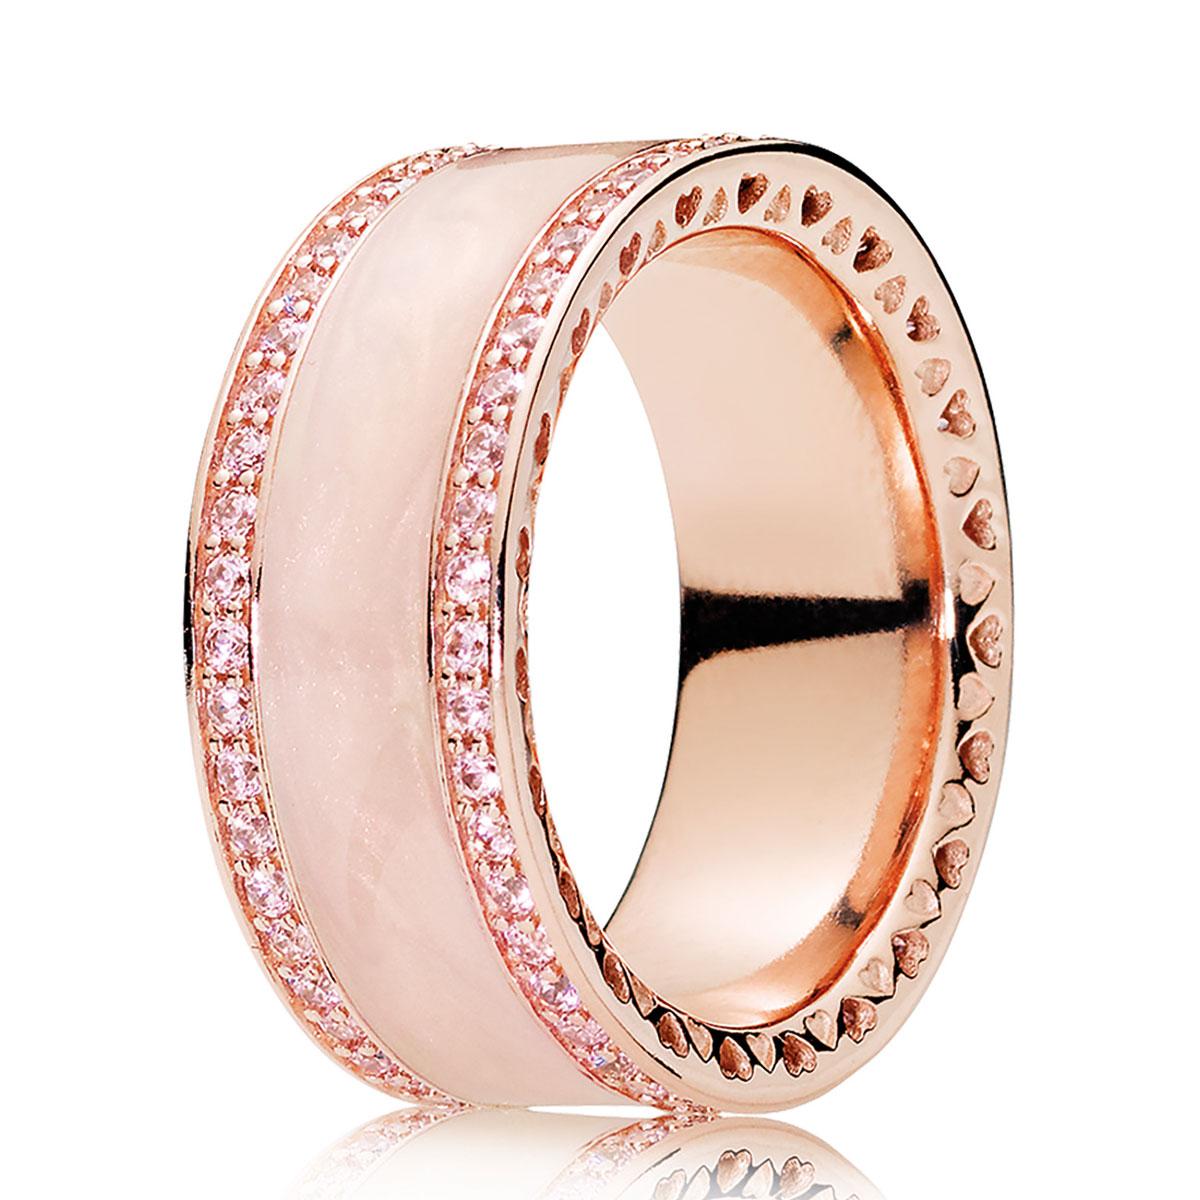 7f58aaf34 get pandora infinity ring rose gold 0d22a 959b4